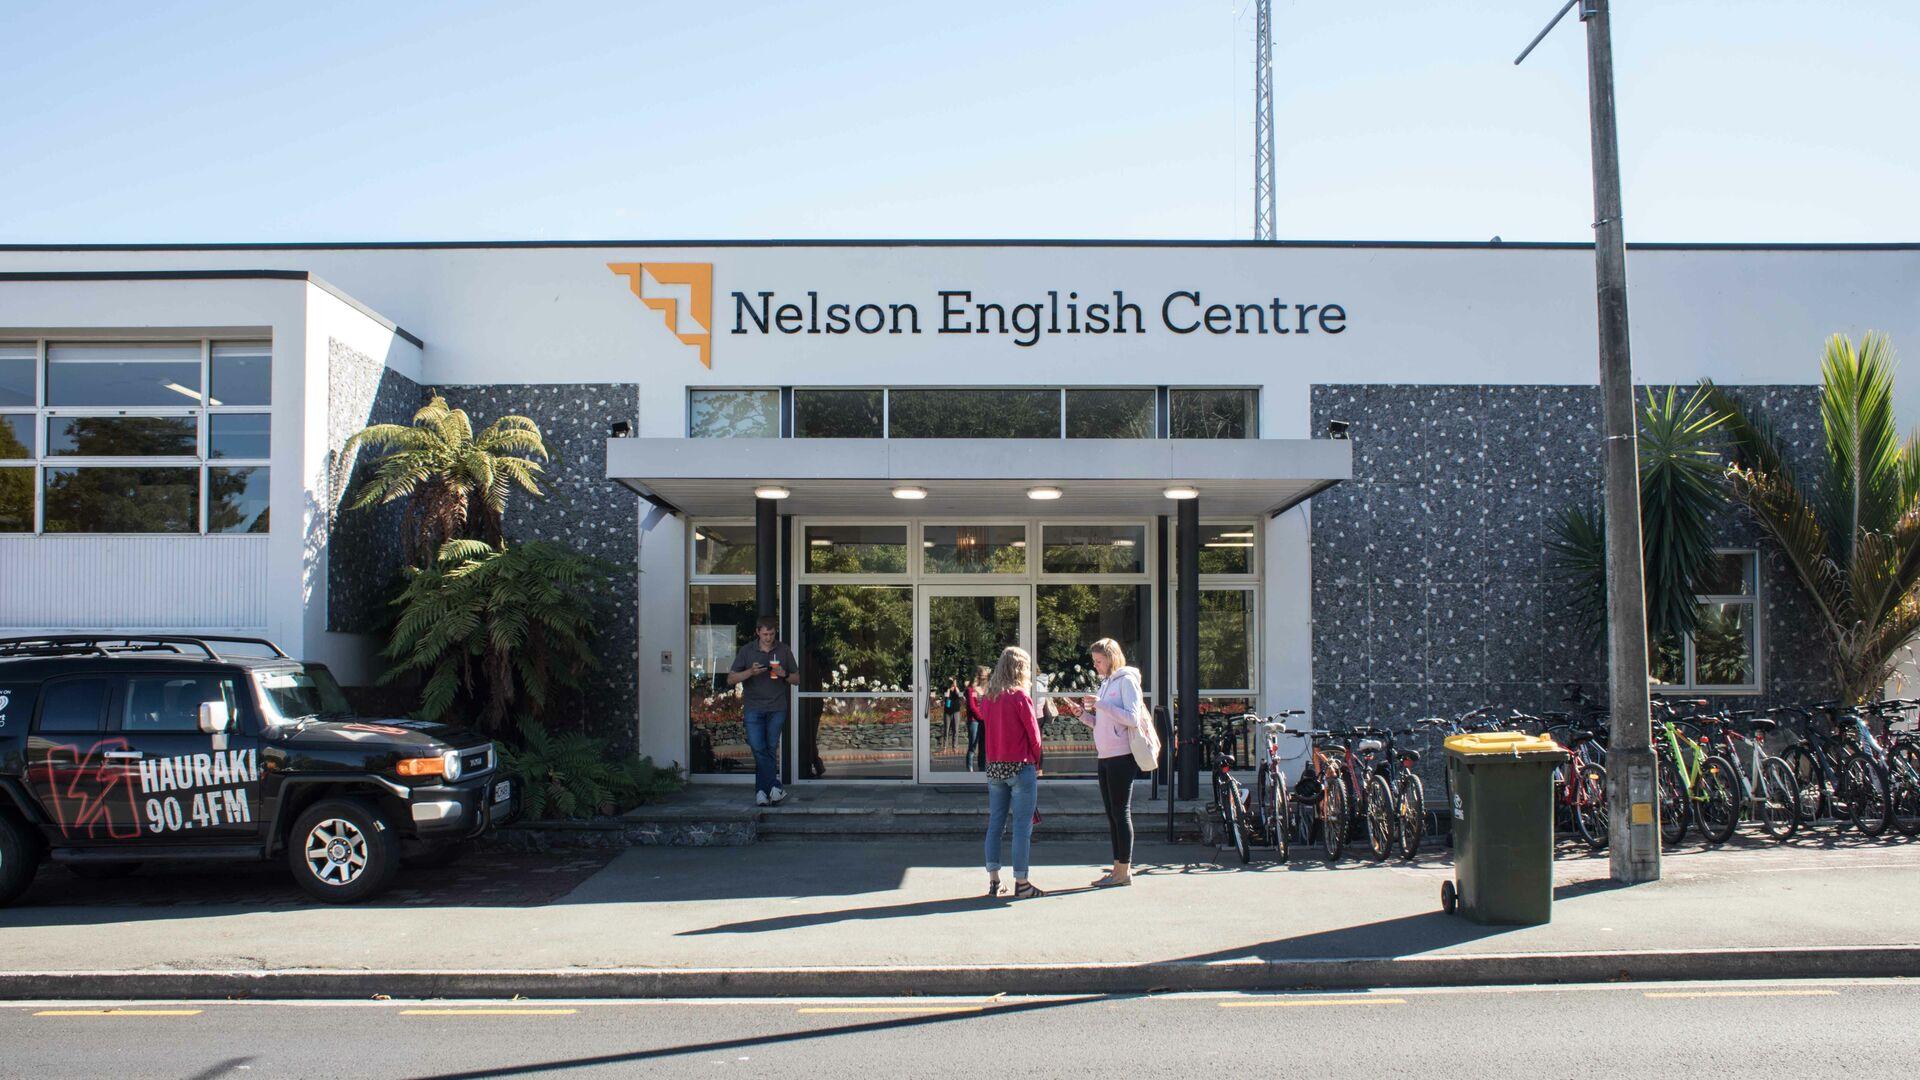 Séjour linguistique Nouvelle Zélande, Nelson - Nelson English Centre - École